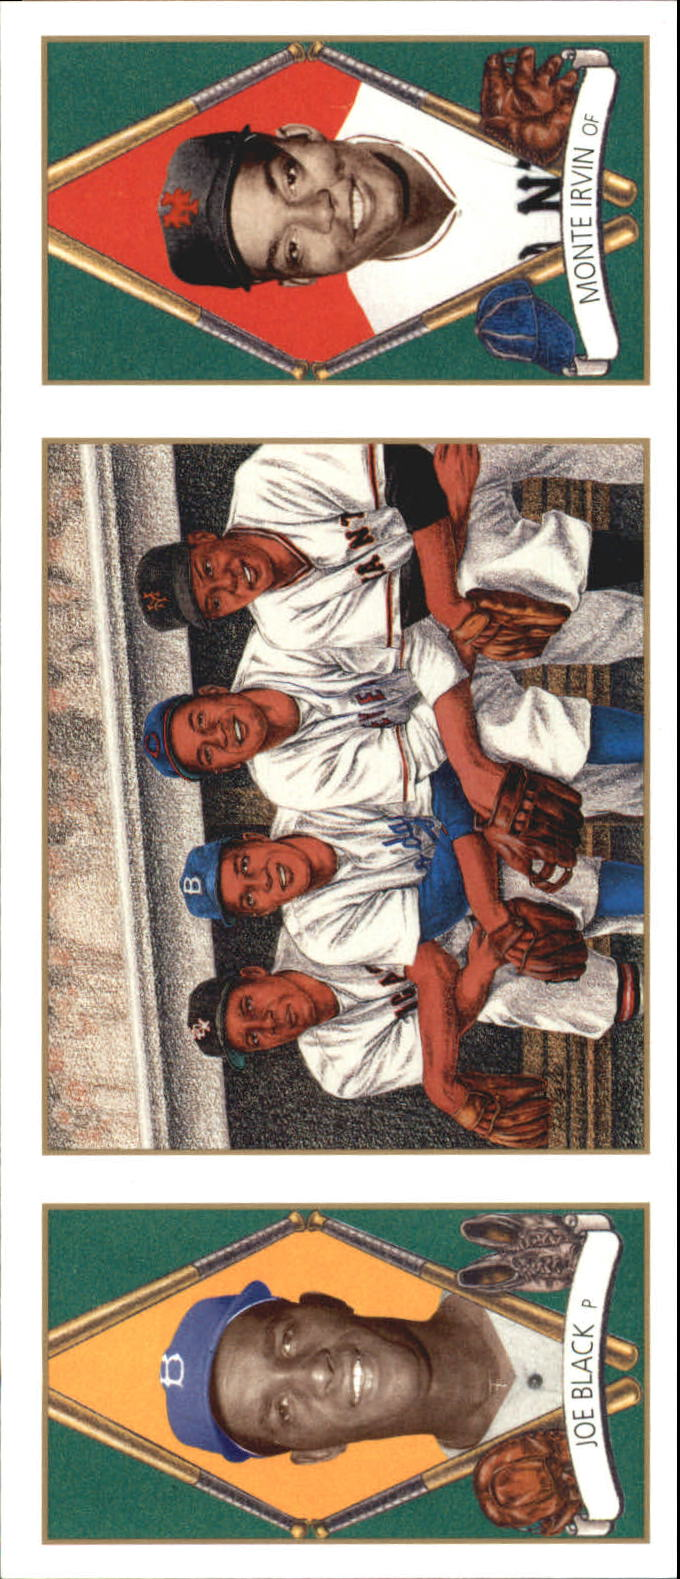 1993 Upper Deck All-Time Heroes #154 Joe Black/Monte Irvin